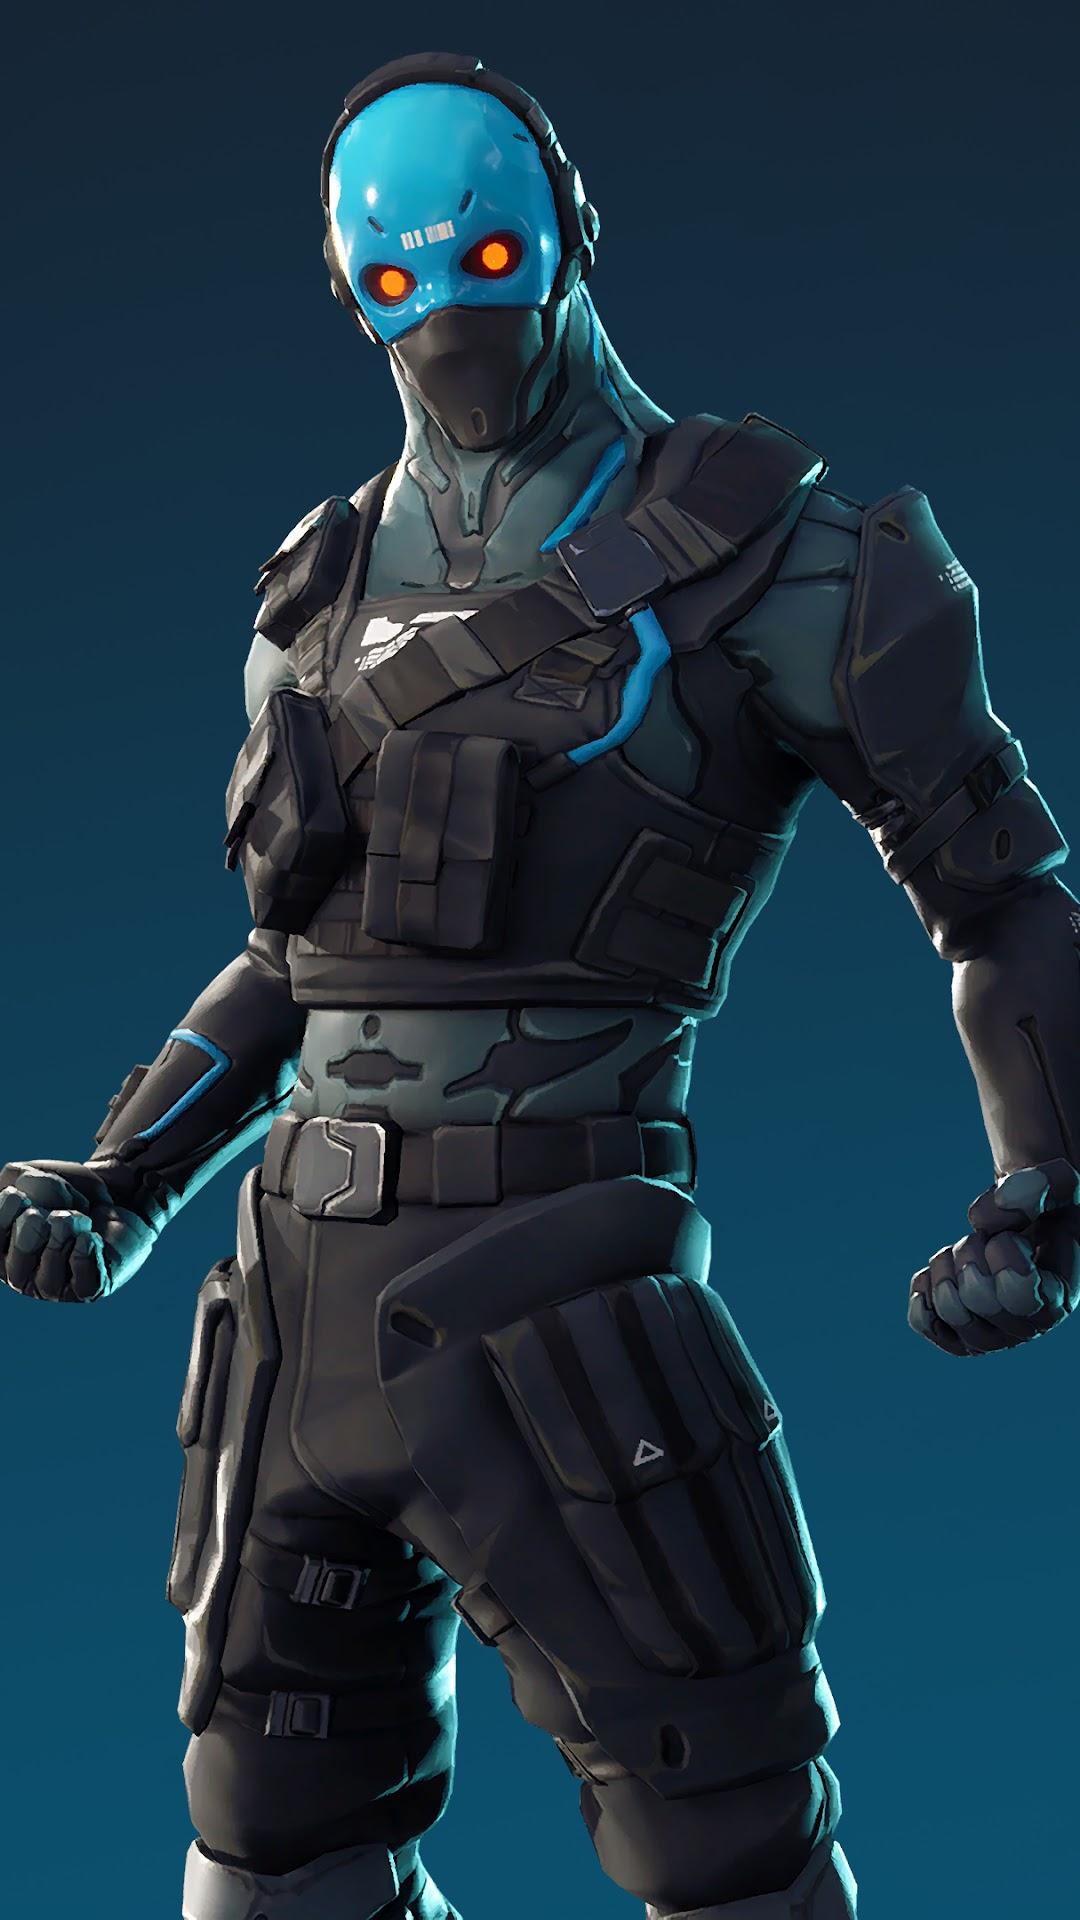 Fortnite Battle Royale Cobalt Outfit Skin 4k Wallpaper 89